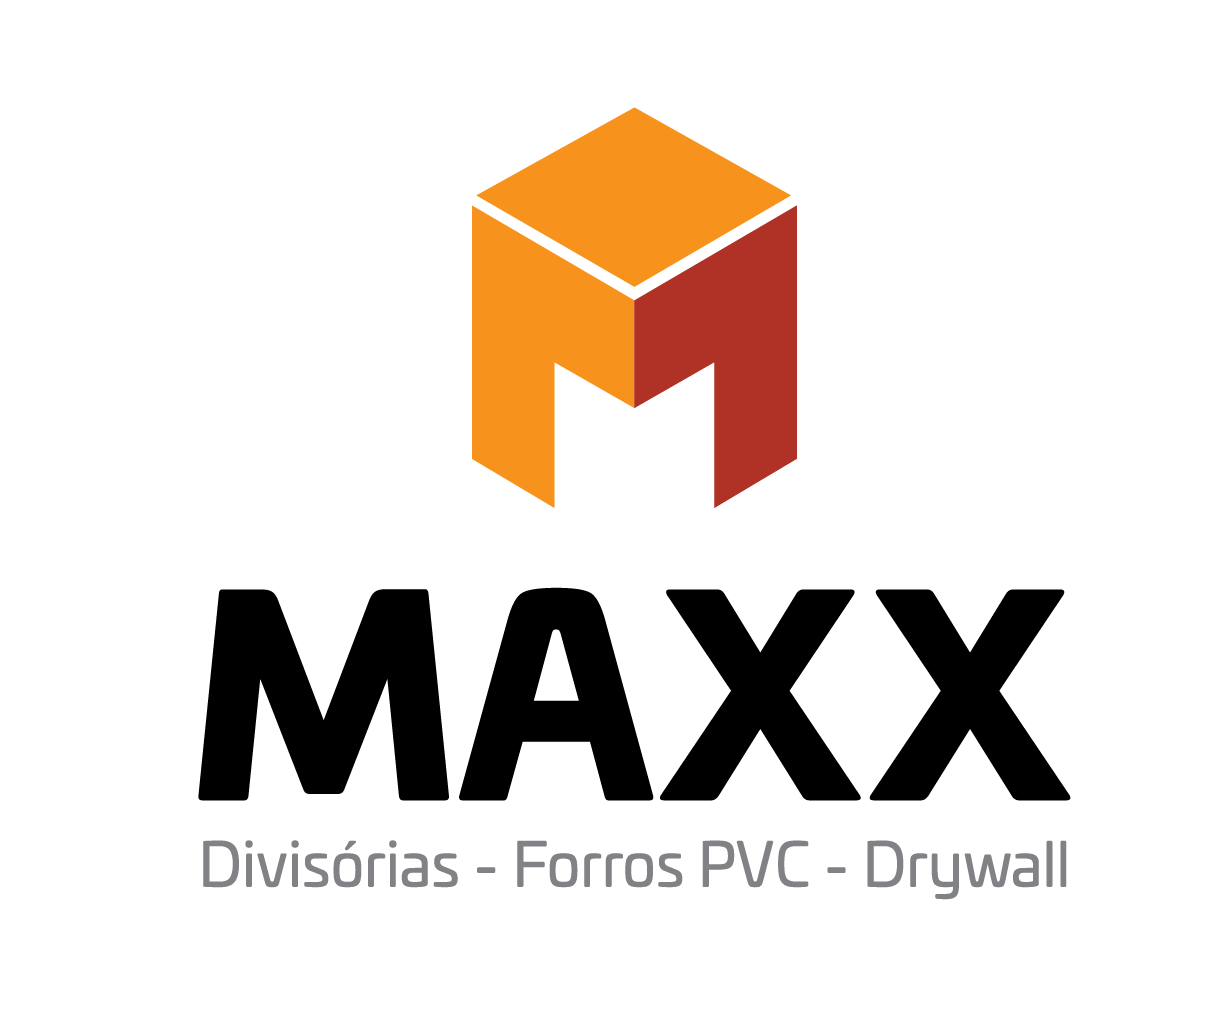 forro de pvc colorido - Maxx Forro